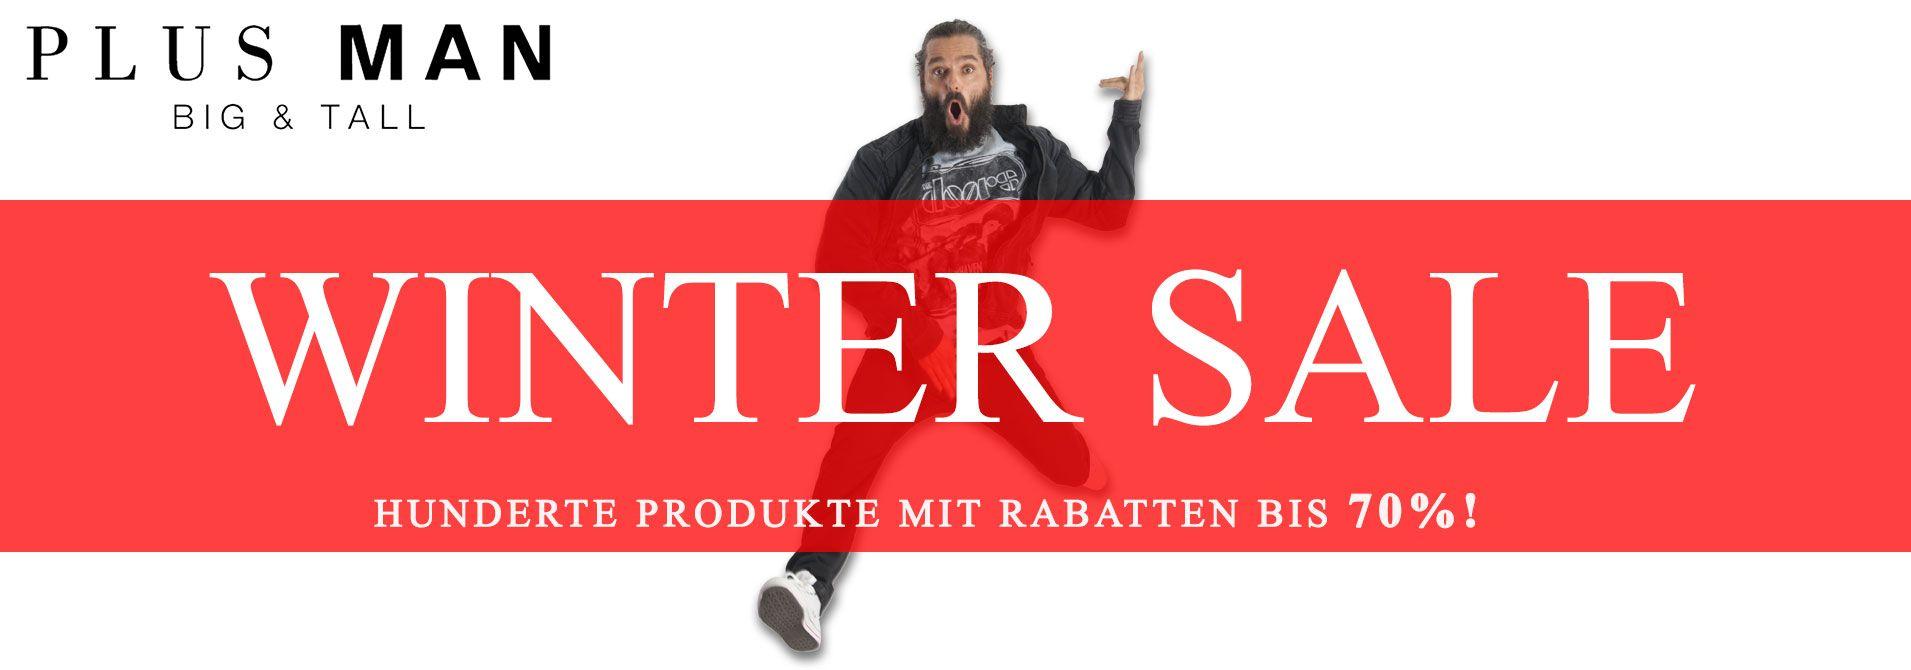 Jetzt der Winter Sale, mit bis zu 70% Rabatt!